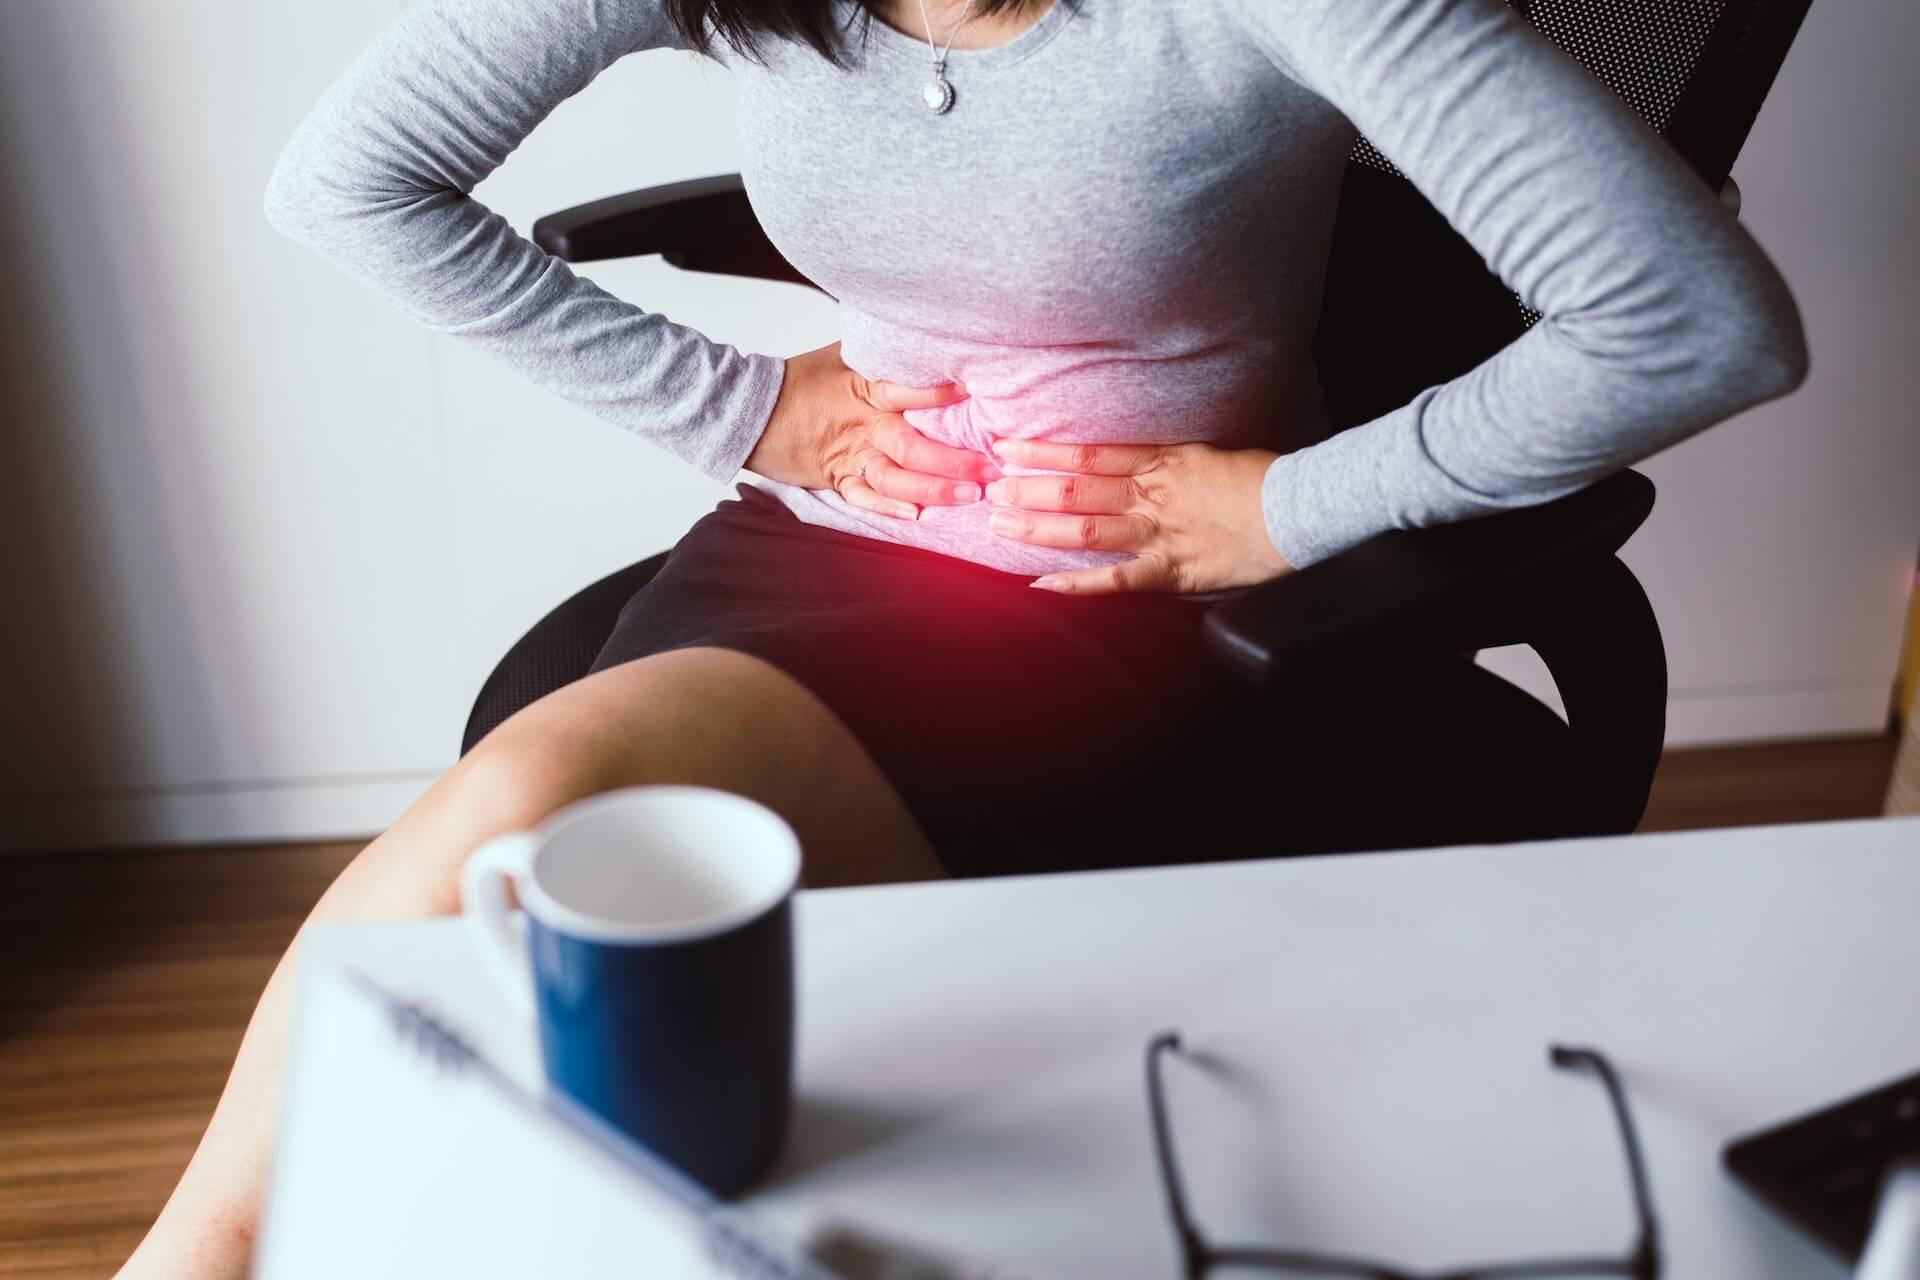 Žena u uredu se drži za bolan trbuh.